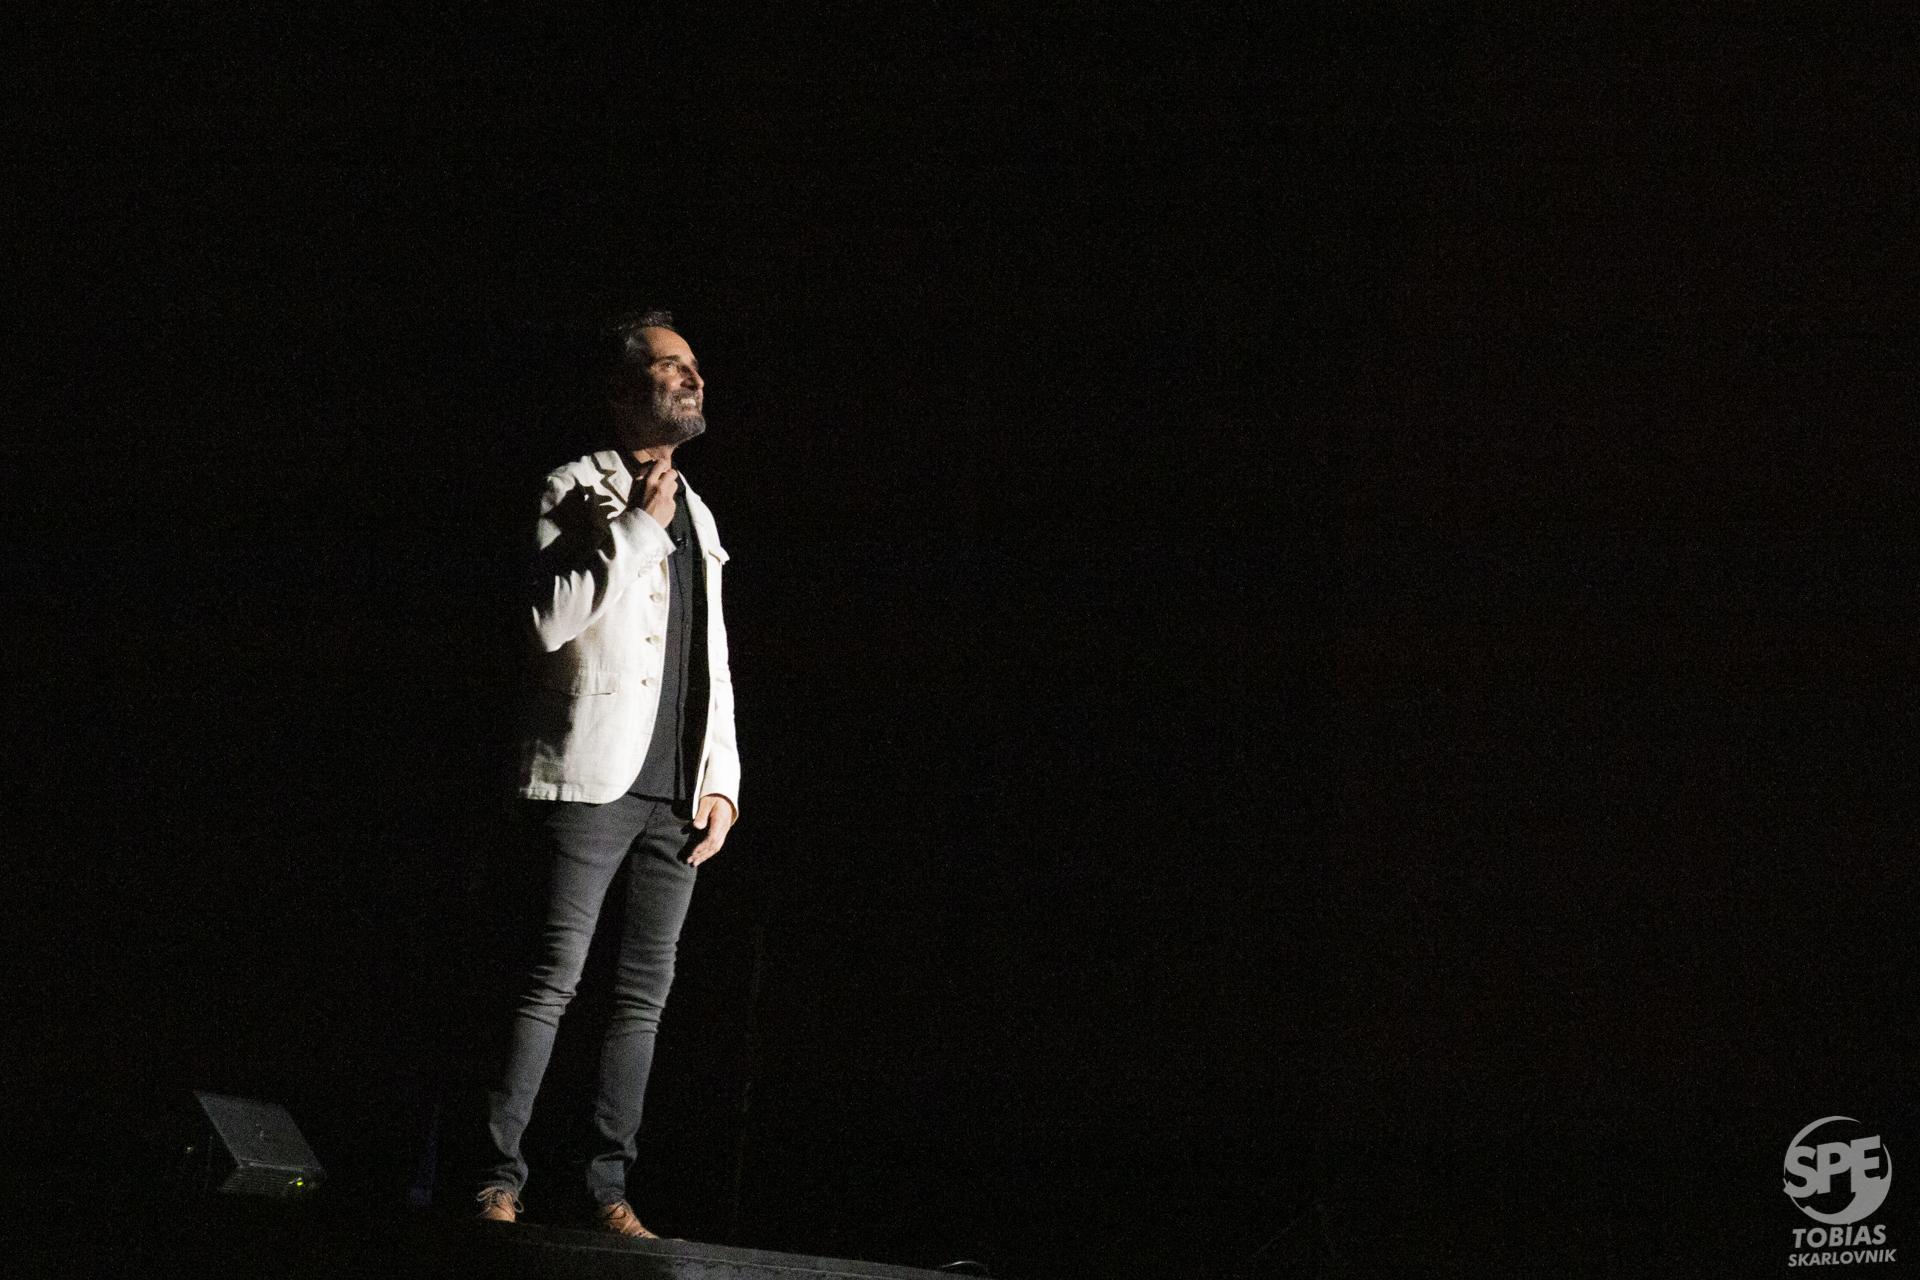 """El músico y compositor uruguayo Jorge Drexler toca la guitarra durante su concierto en el marco de la gira """"Siliente"""" en el teatro Gran Rex (Buenos Aires, Argentina) el Jueves 26 de septiembre de 2019. Drexler tiene varios premios Grammy, un oscar y a su vez recientemente editó """"Silencio"""", su ultimo disco. 26 de Septiembre de 2019. Foto de: Tobias Skarlovnik."""